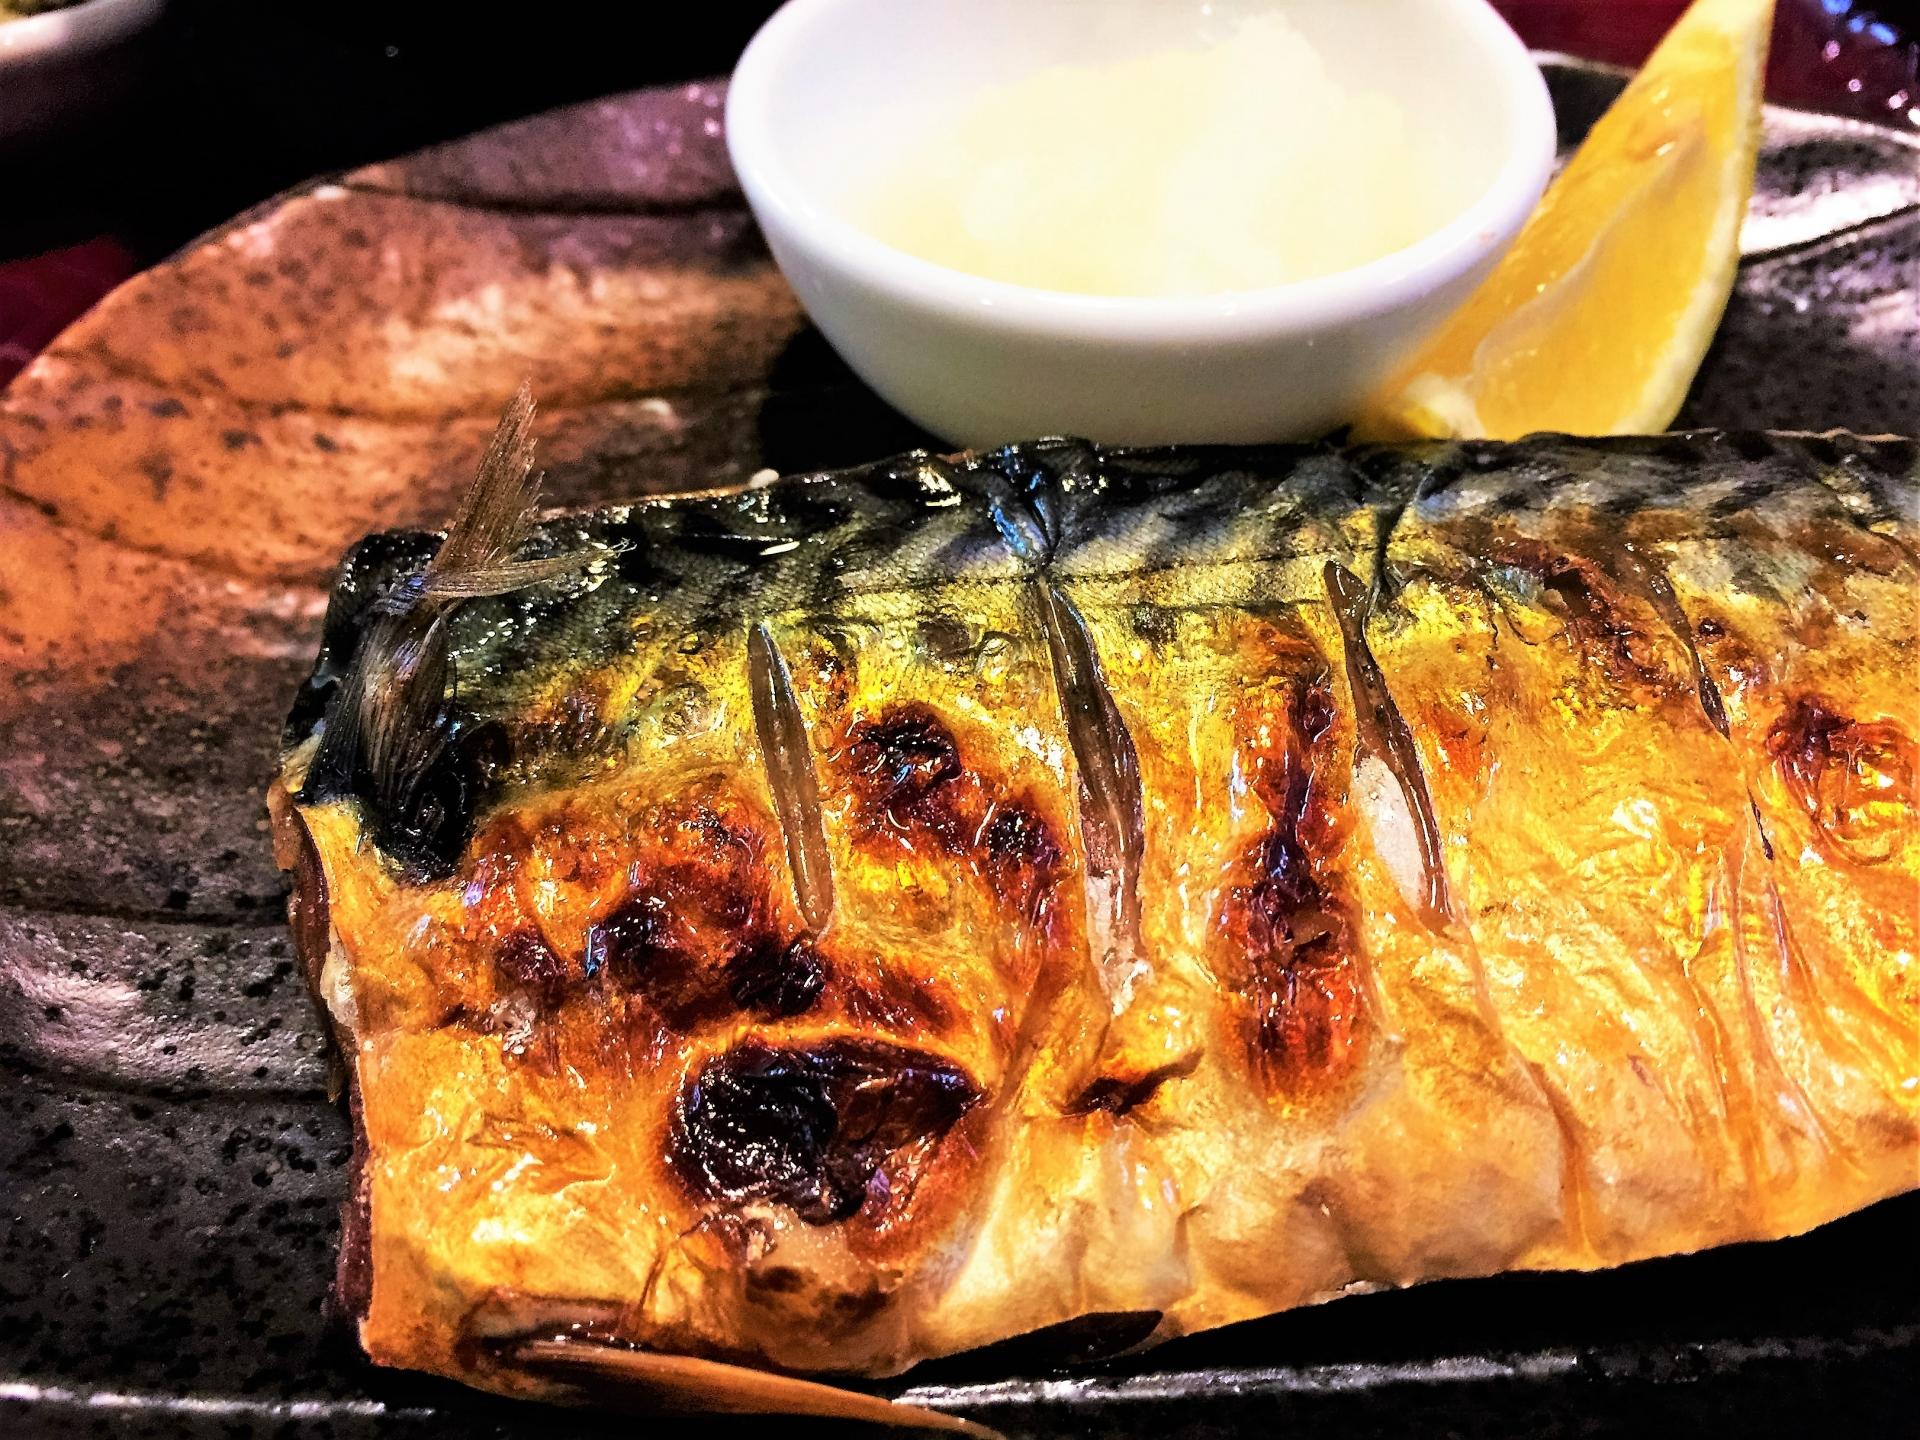 越田商店の「ものすごい鯖」が定食で食べられる!値段や評判は?